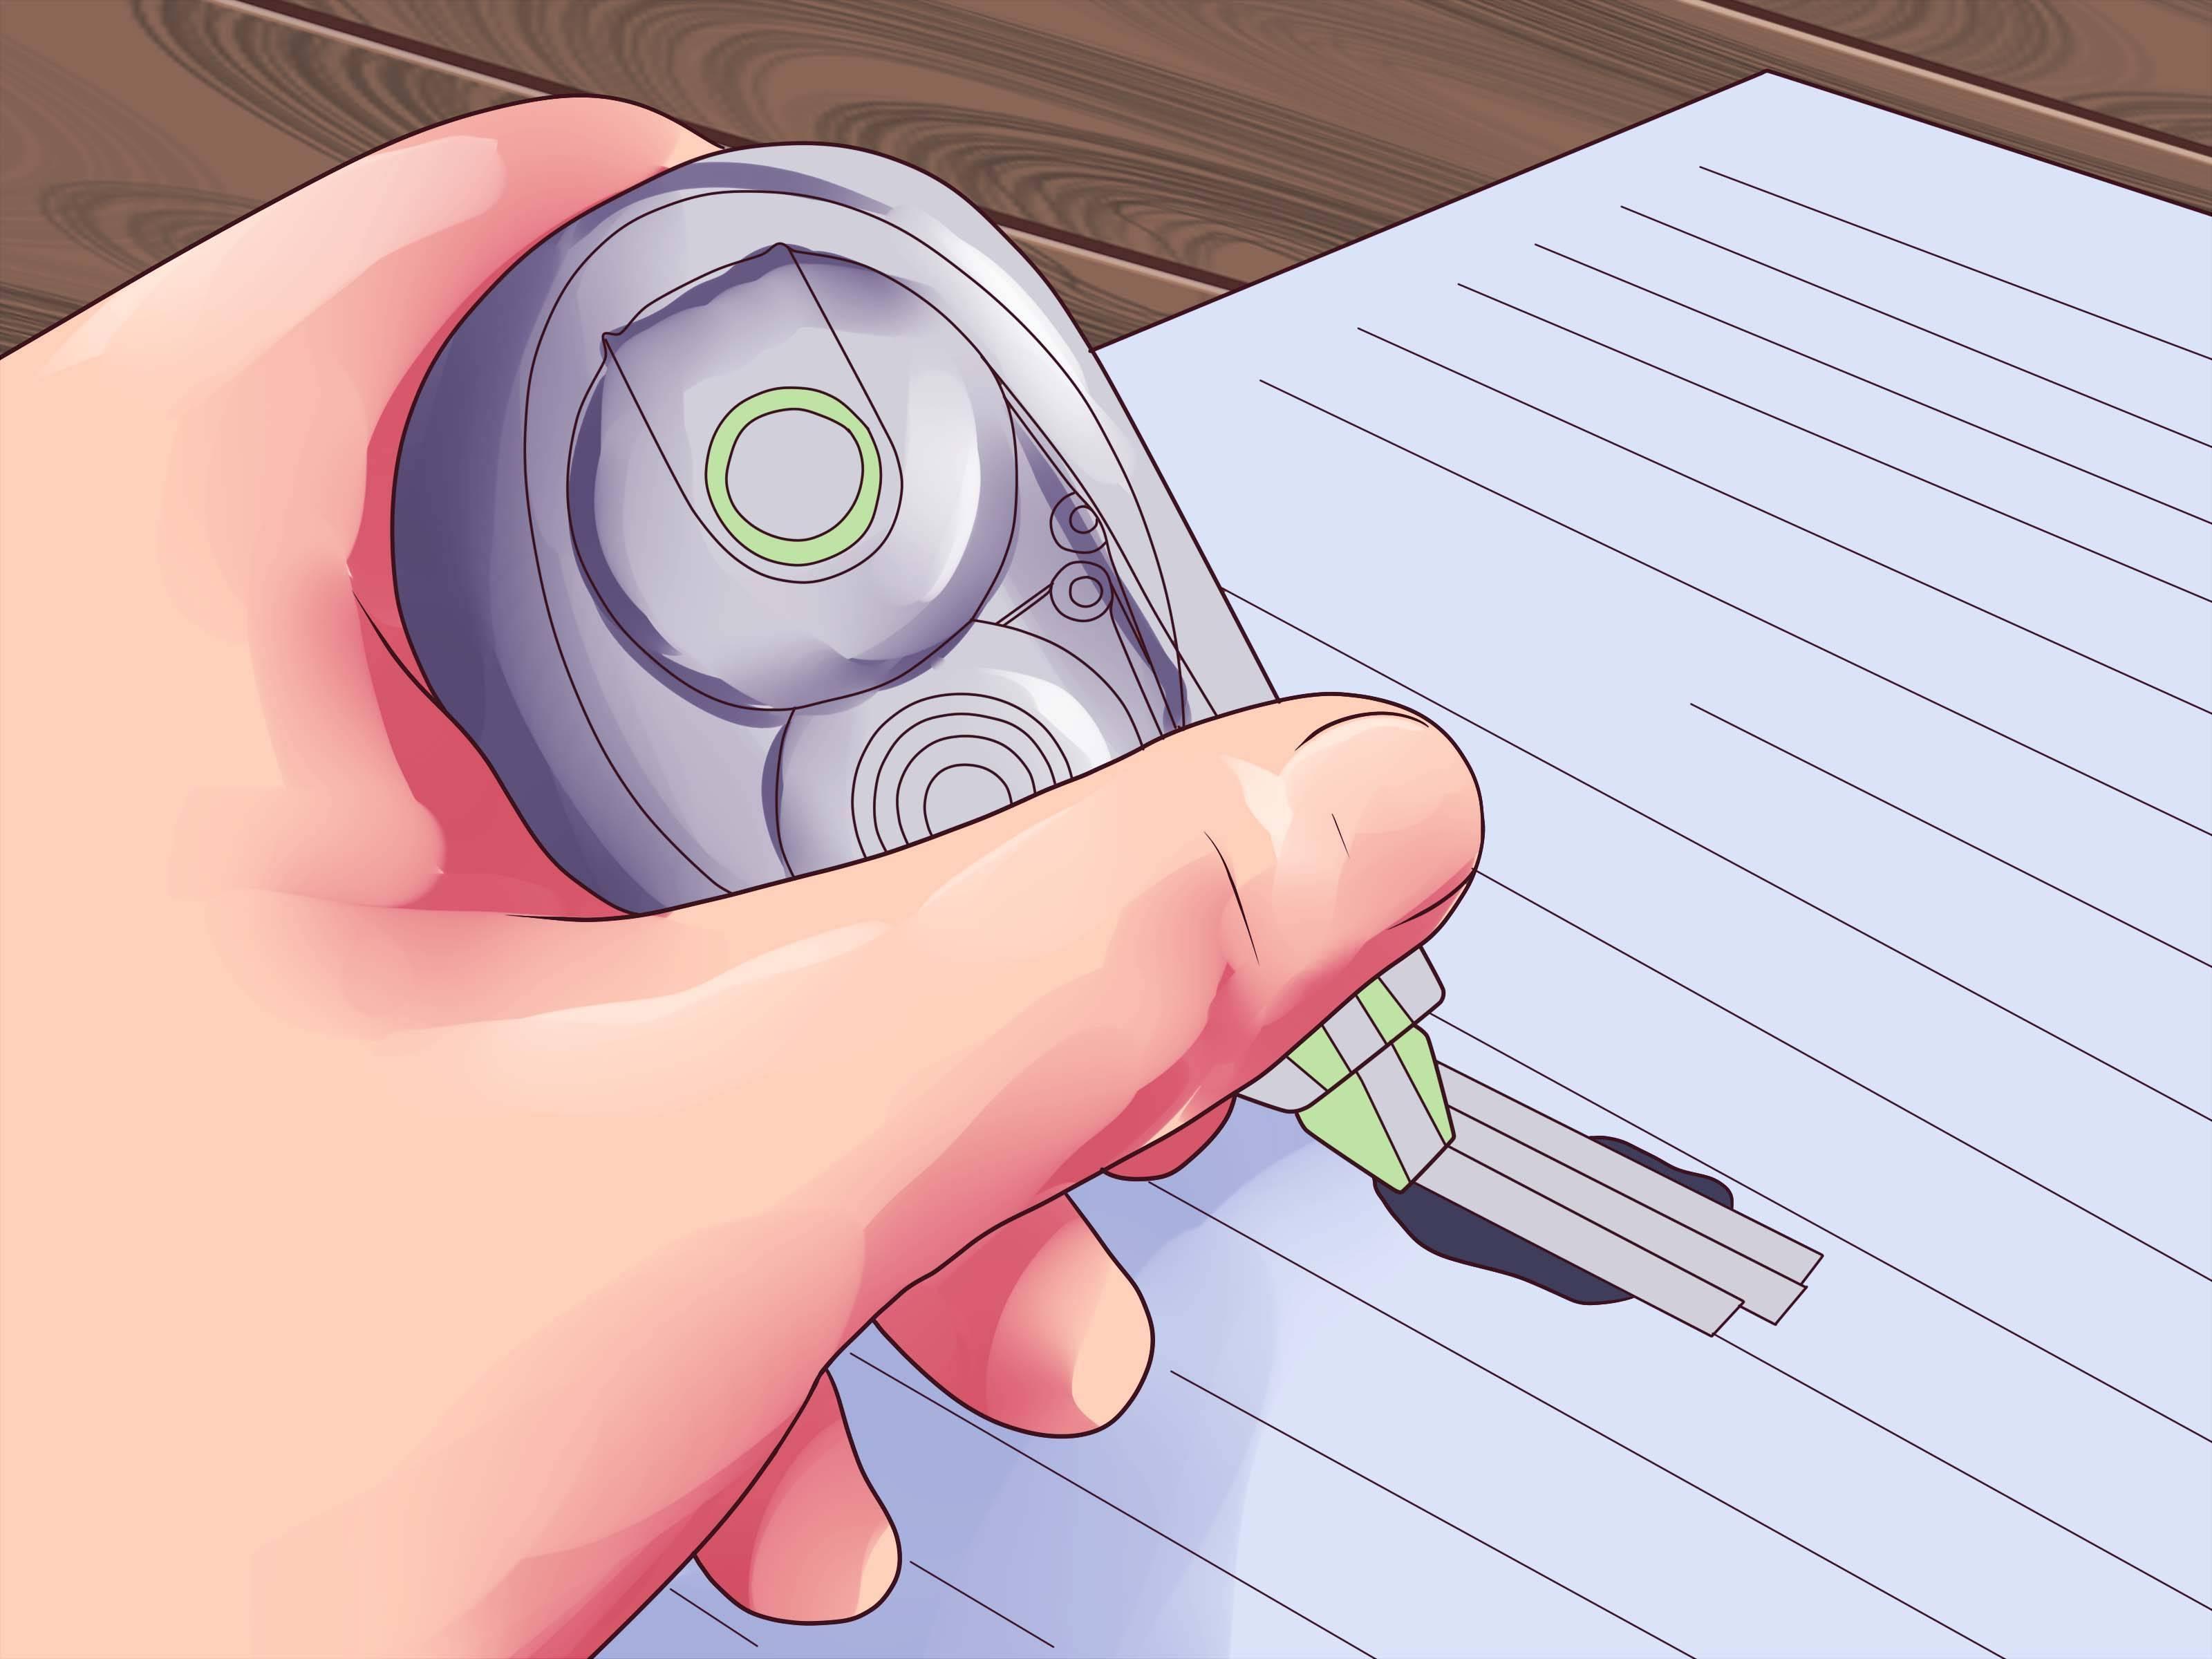 Простые способы стереть ручку с бумаги без следов